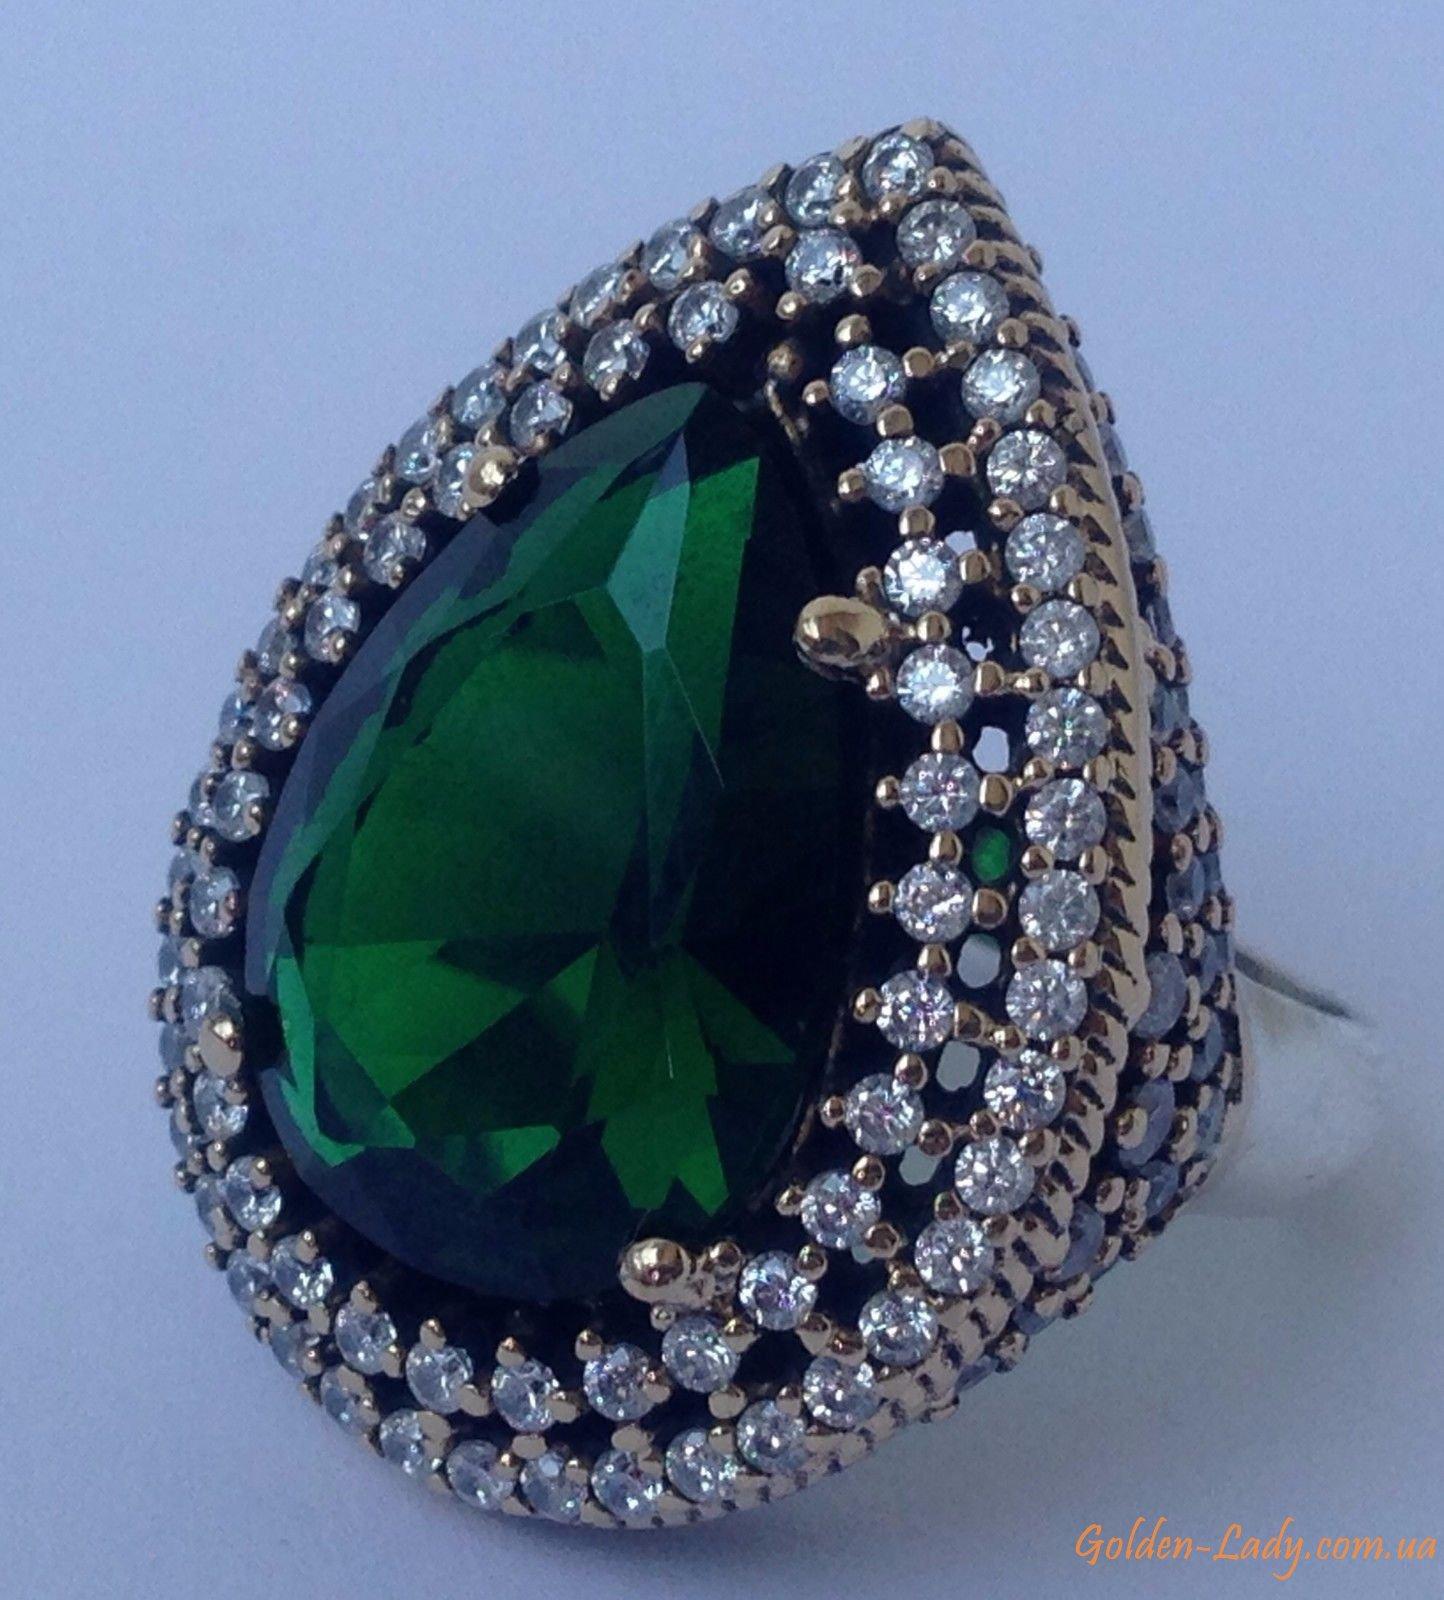 88861990719f купить кольцо Султан Хюррэм кольцо хюррем султан из фильма великолепный век  Кольцо